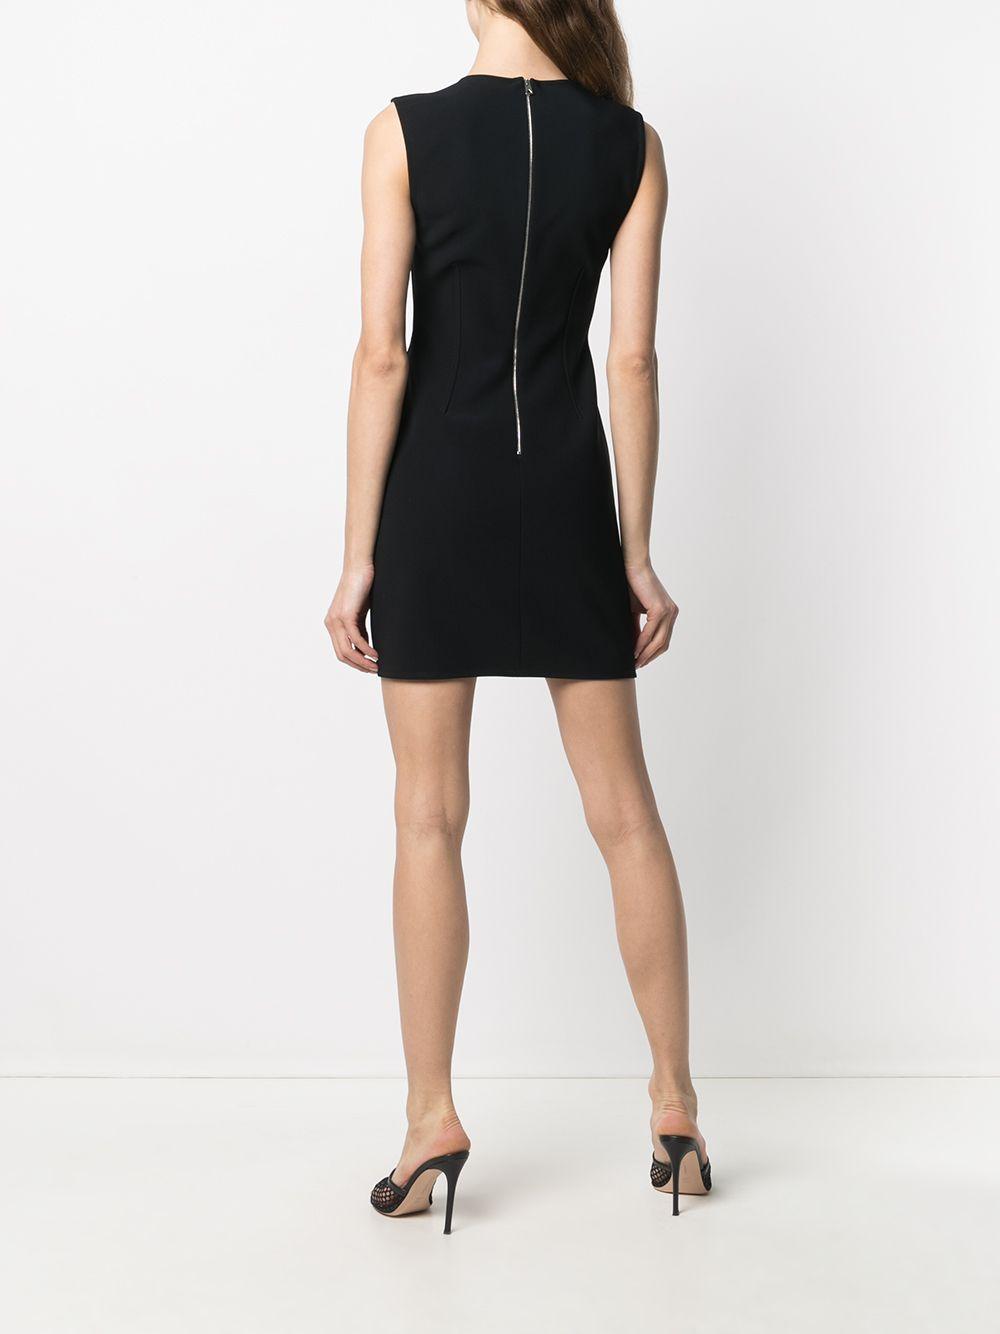 Mini abito nero senza maniche con corpetto disossato BOTTEGA VENETA | Abiti | 651230-VKE101000